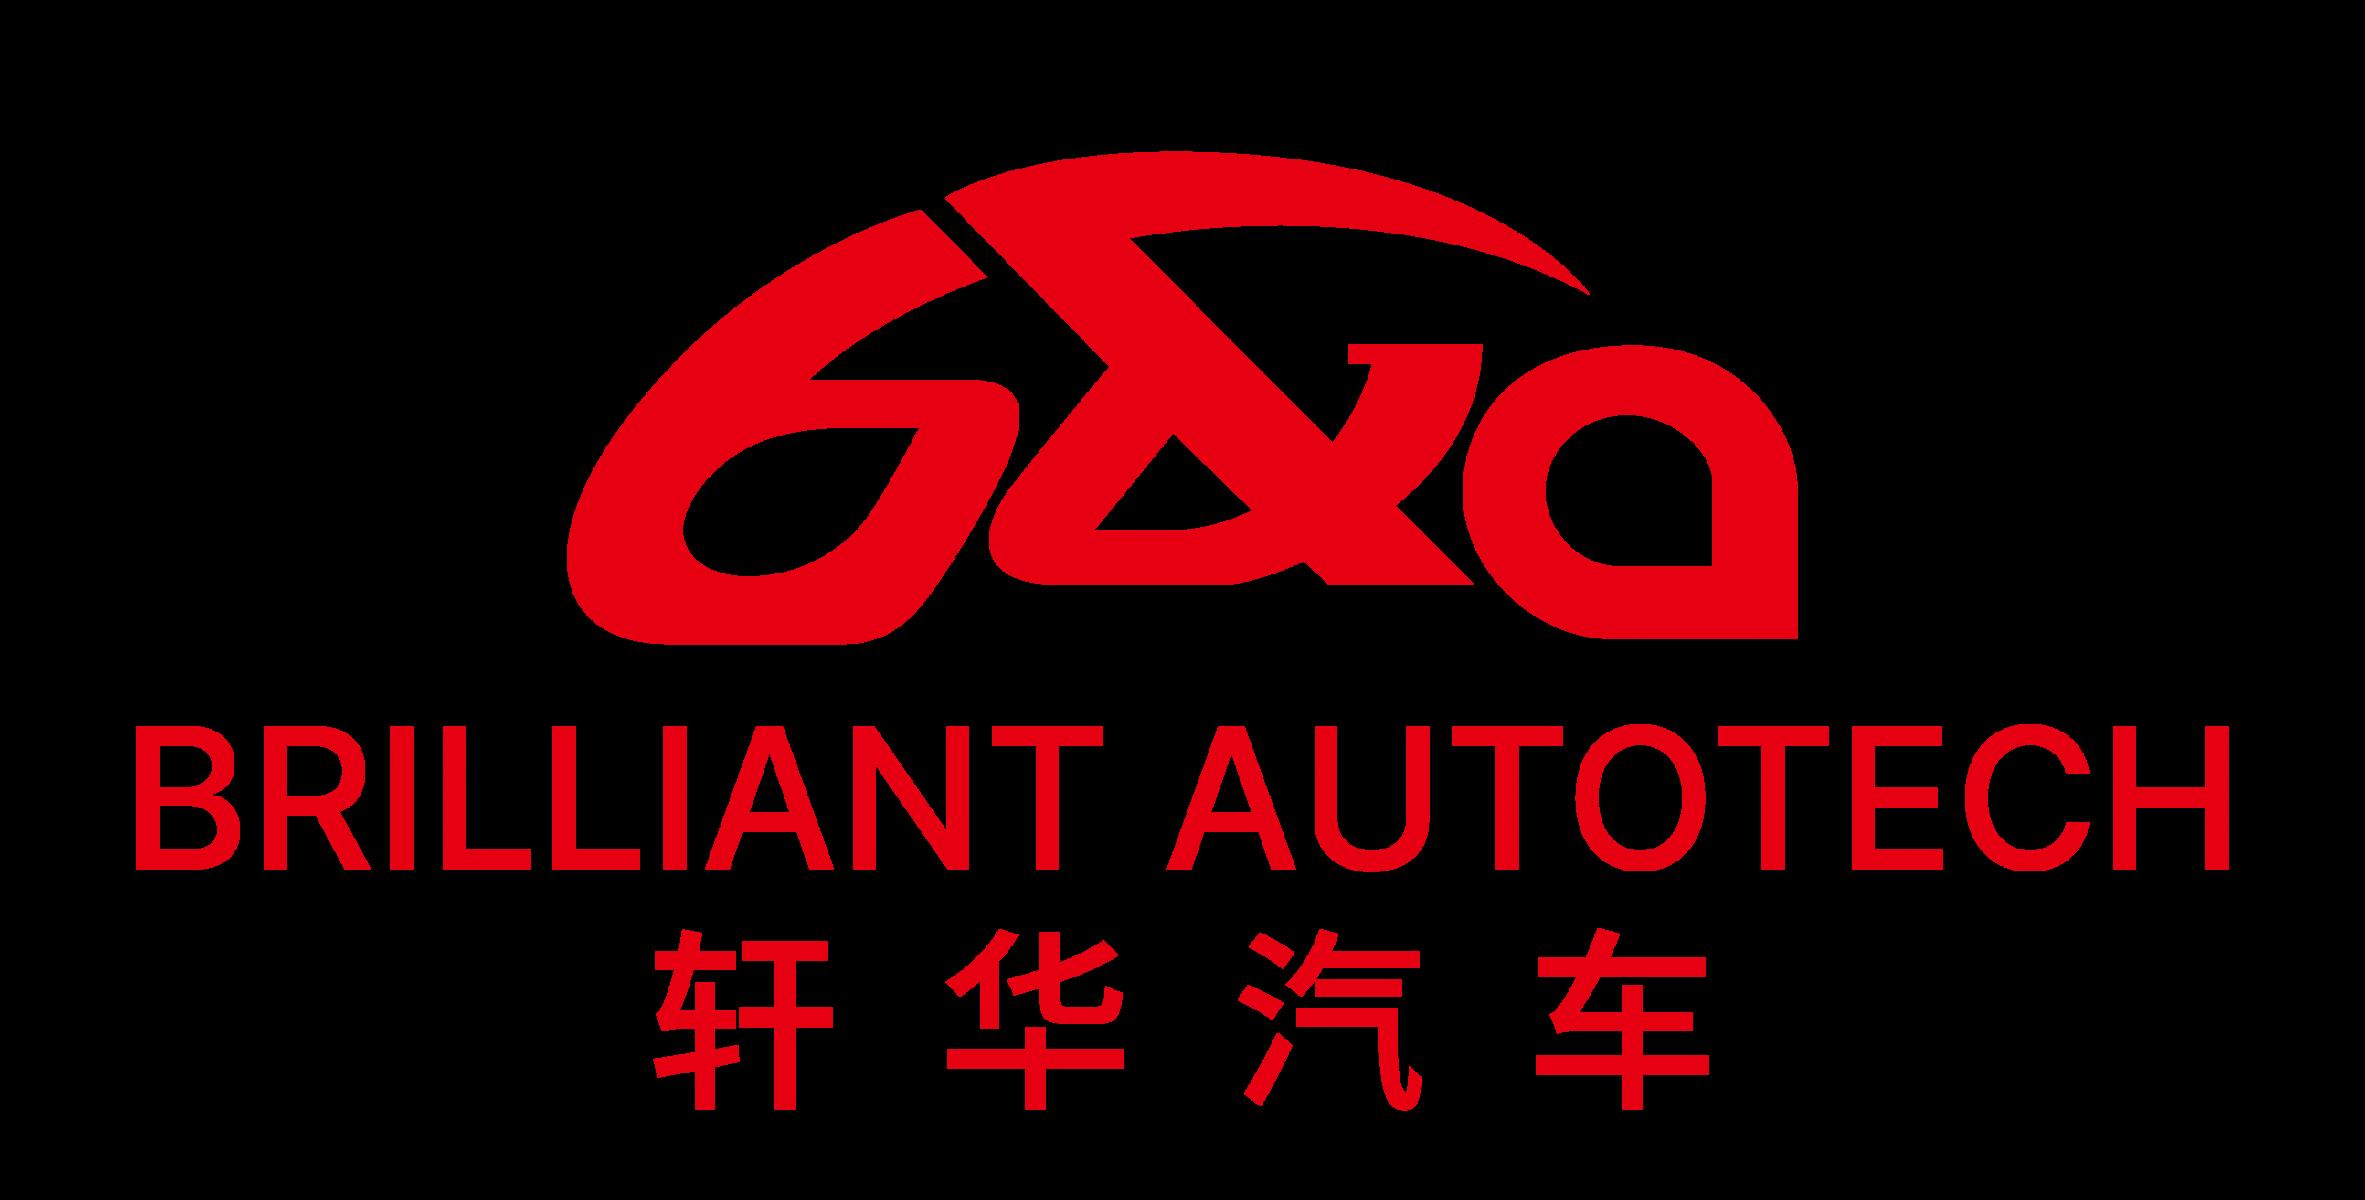 上海轩华汽车技术咨询服务有限公司